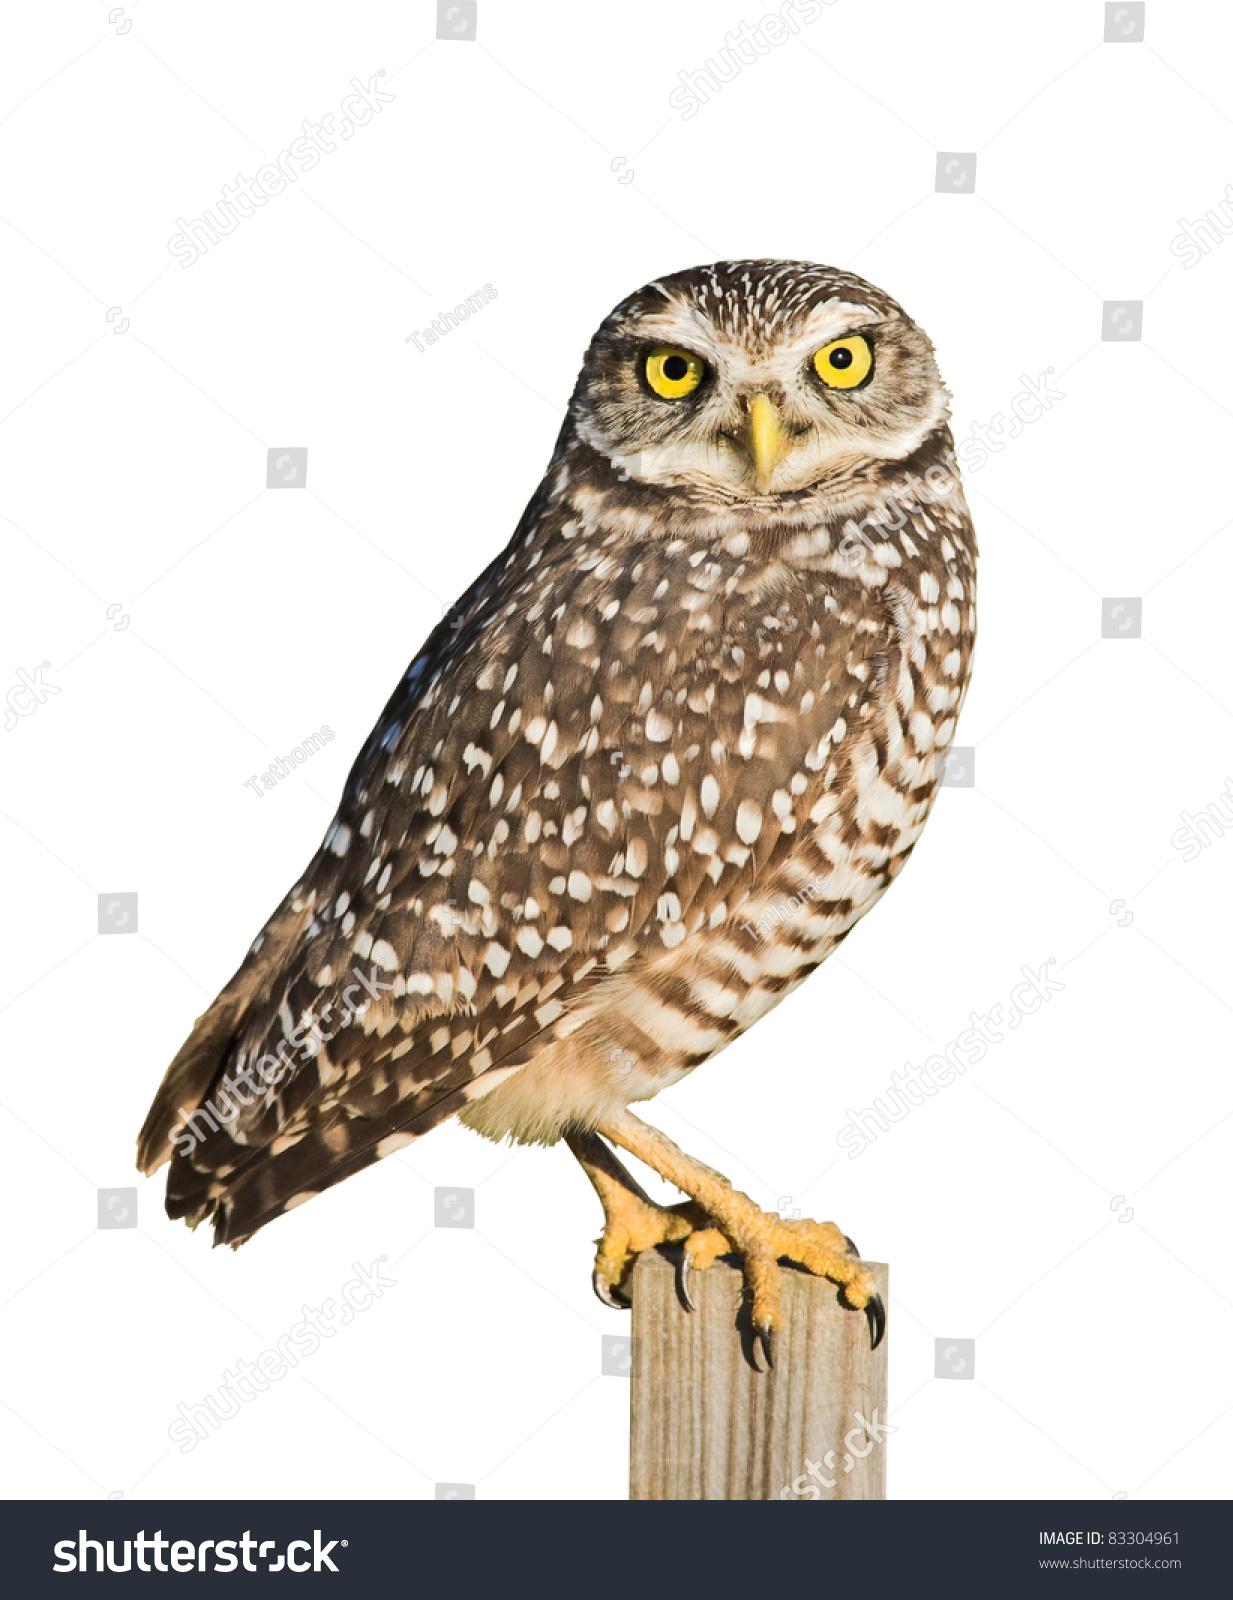 Burrowing Owl isolated on white.Latin name - Athene cunicularia.